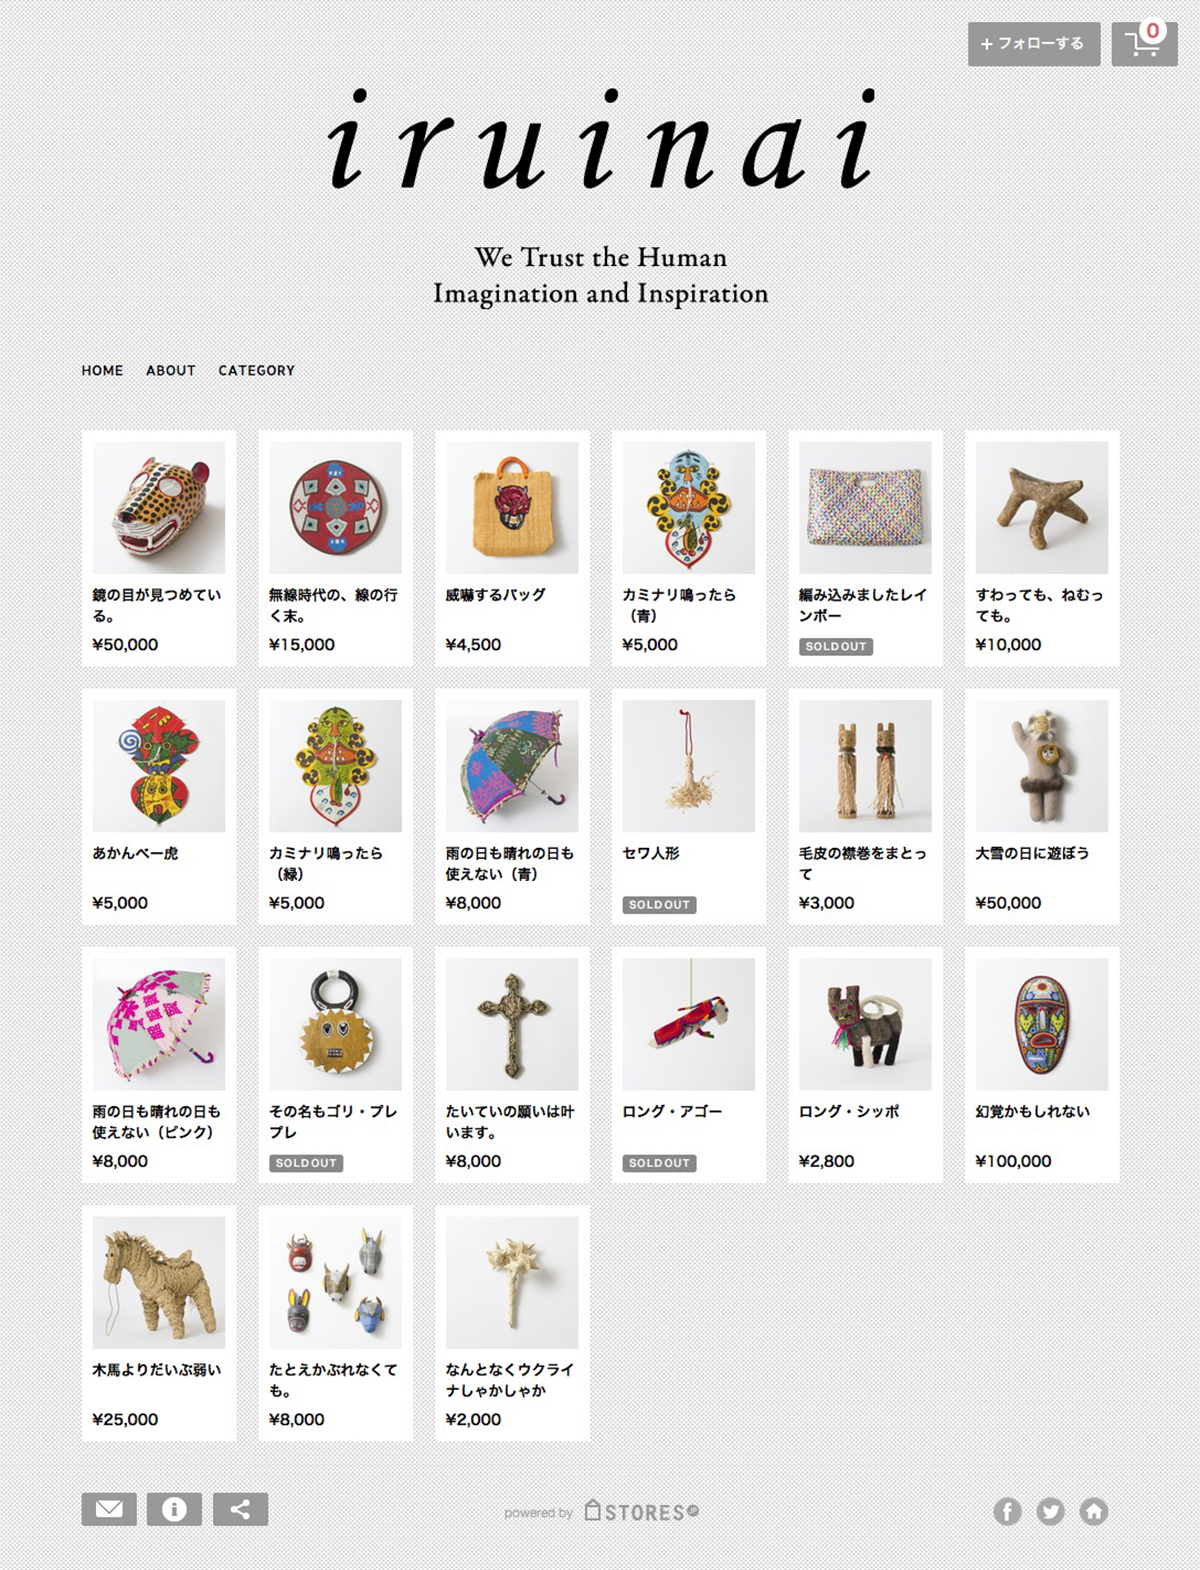 003_iruinai_stores_1200px